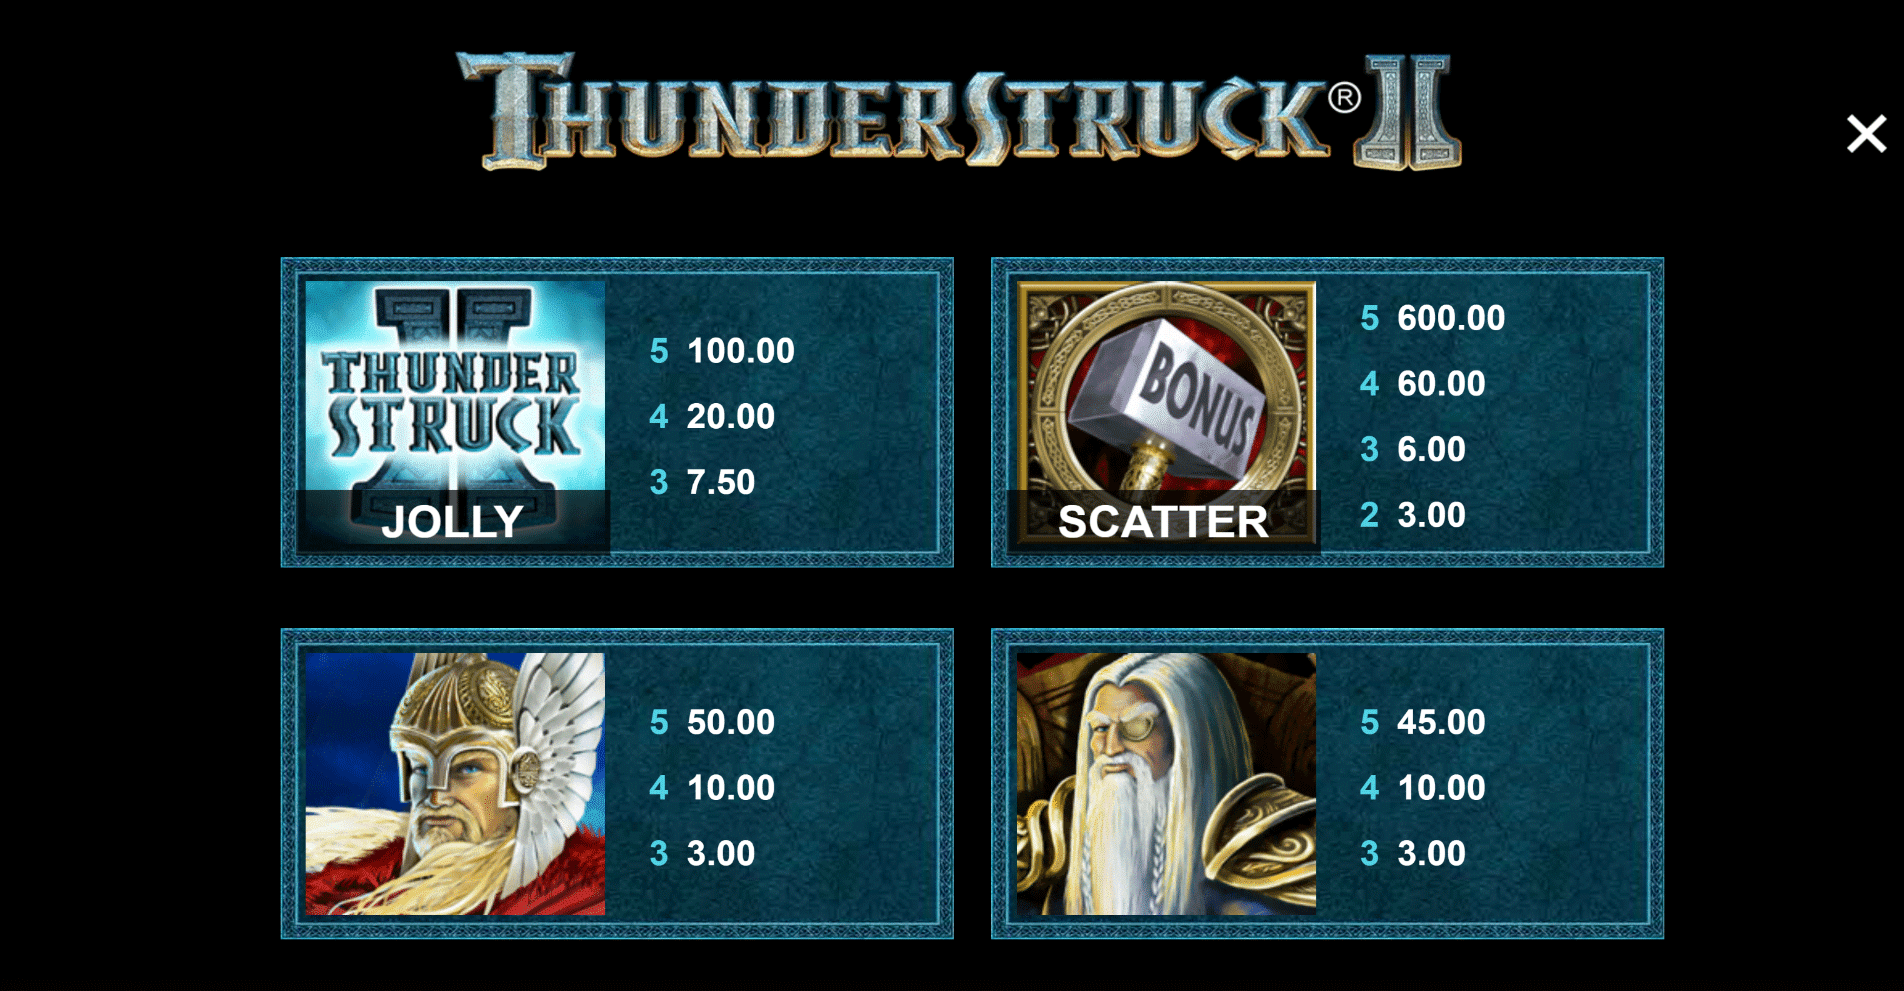 tabella dei pagamenti della slot online thunderstruck II